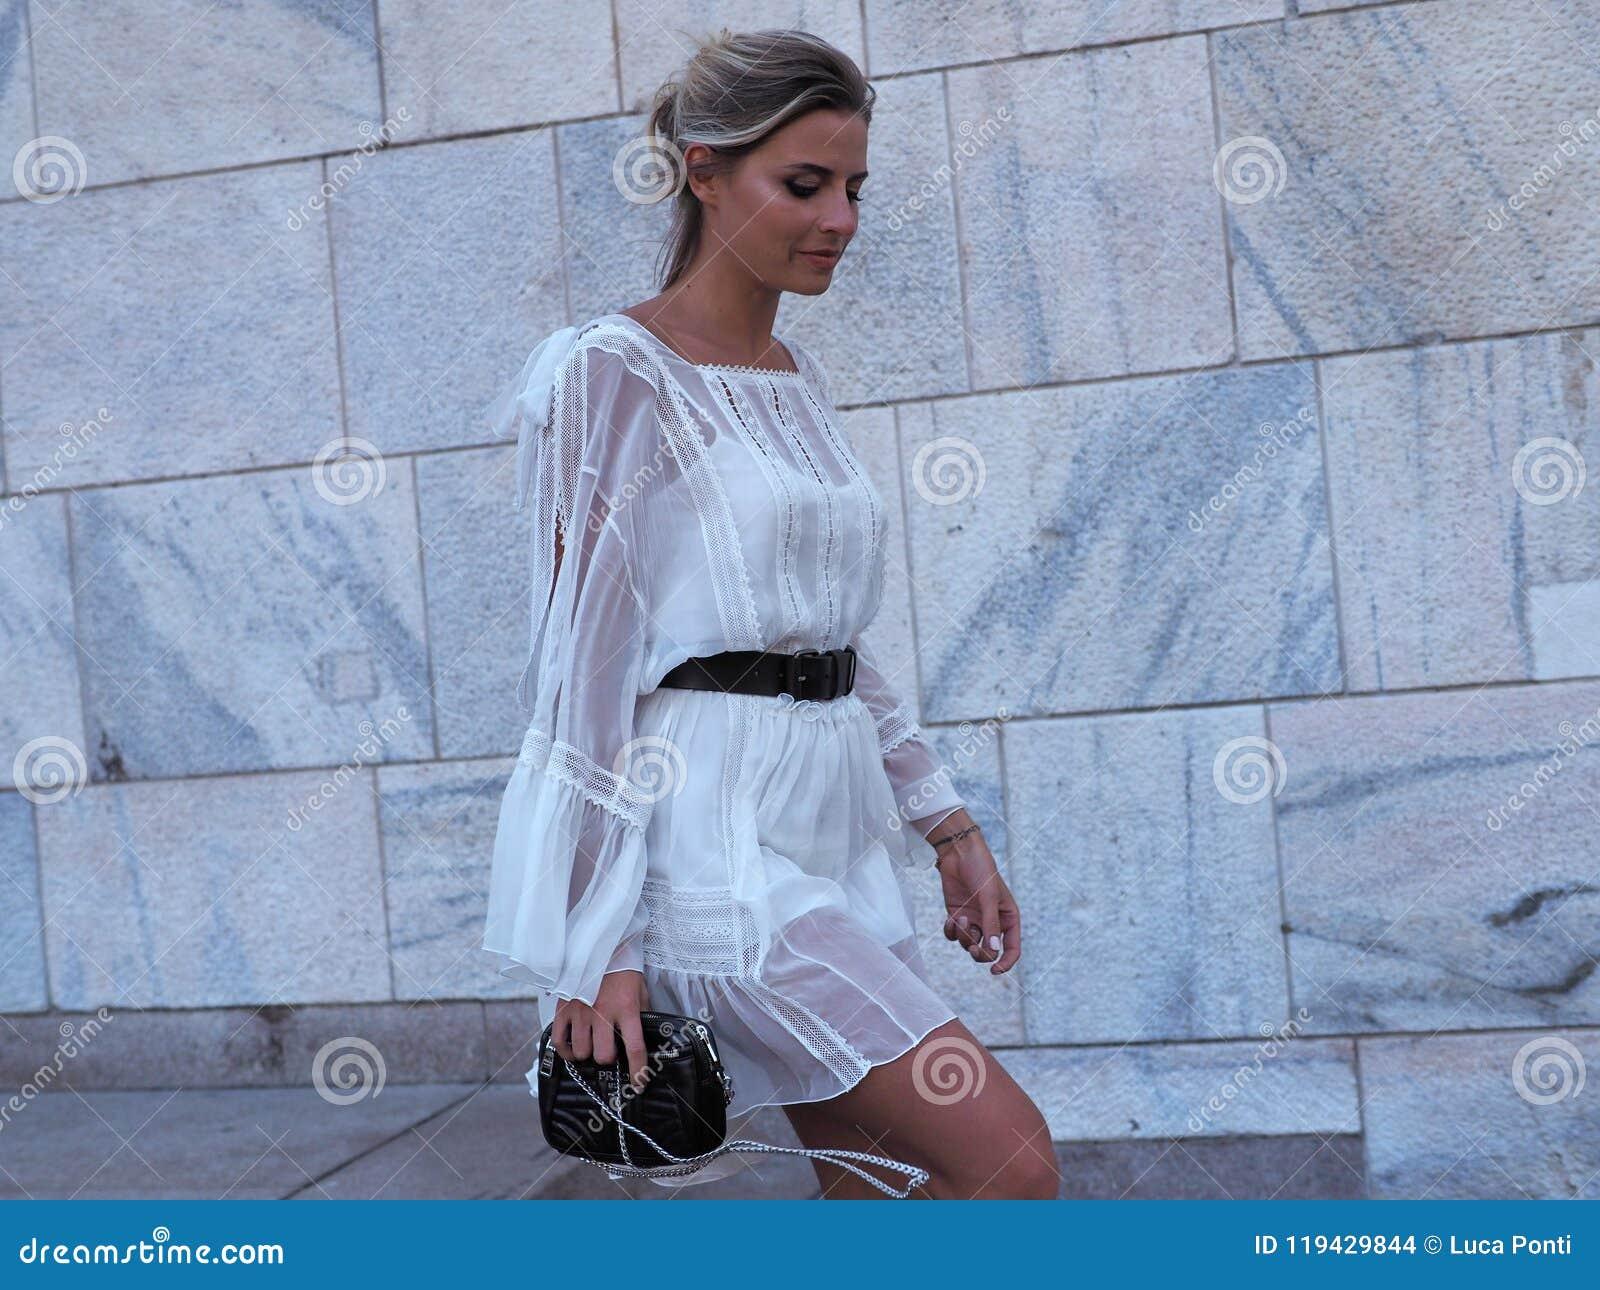 МИЛАН, ИТАЛИЯ - 15-ОЕ ИЮНЯ 2018: Вероника Ferrero представляя для фотографов в улице после модного парада АЛЬБЕРТЫ FERRETTI